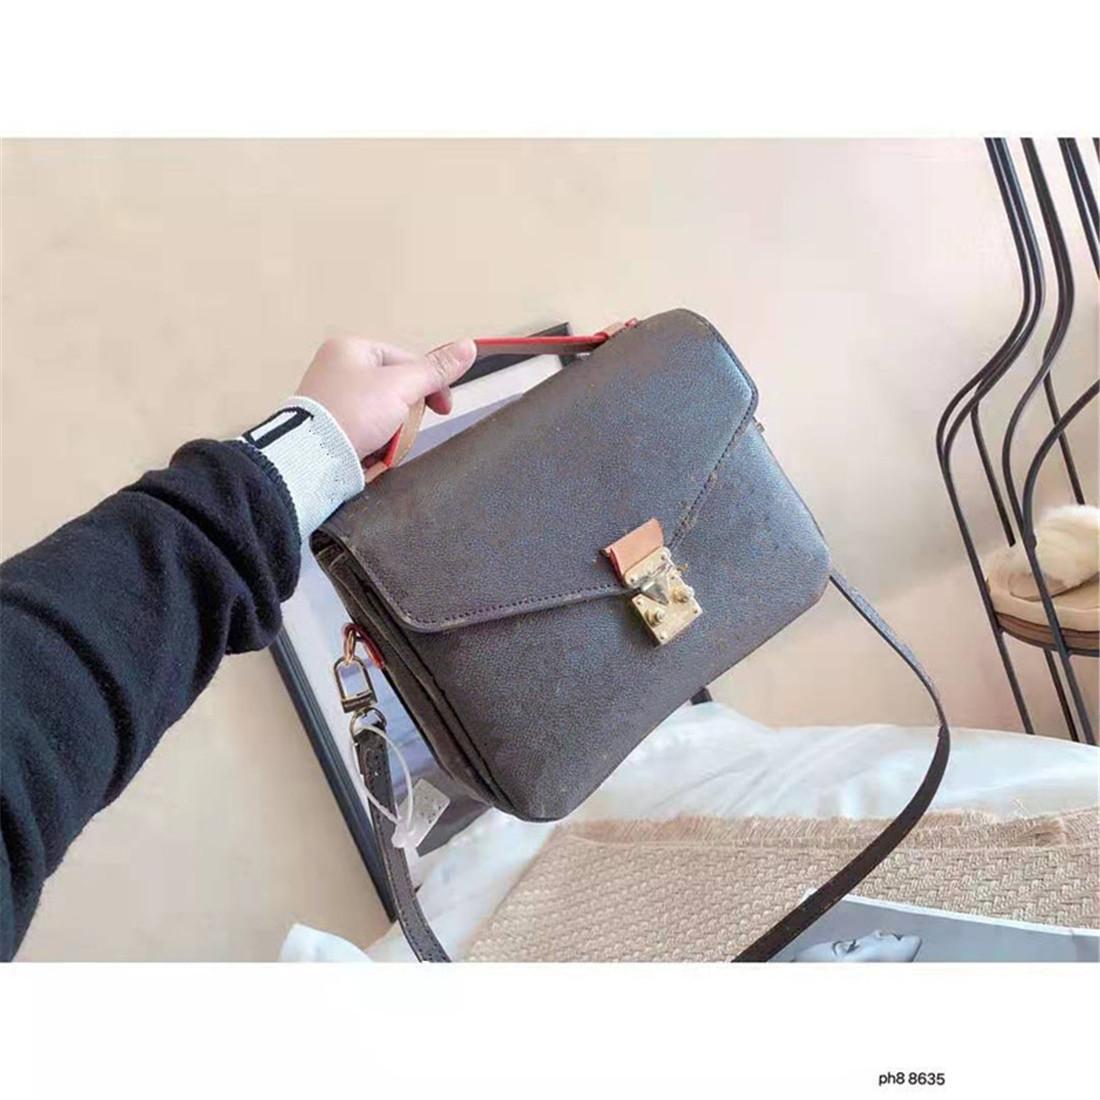 Kadın 2021 Yeni Lady Presbiyopik Tek Hakiki Deri Çanta Moda Kadın Çanta Vintage Taşınabilir Eğimli Omuz Çantası Tote Çanta